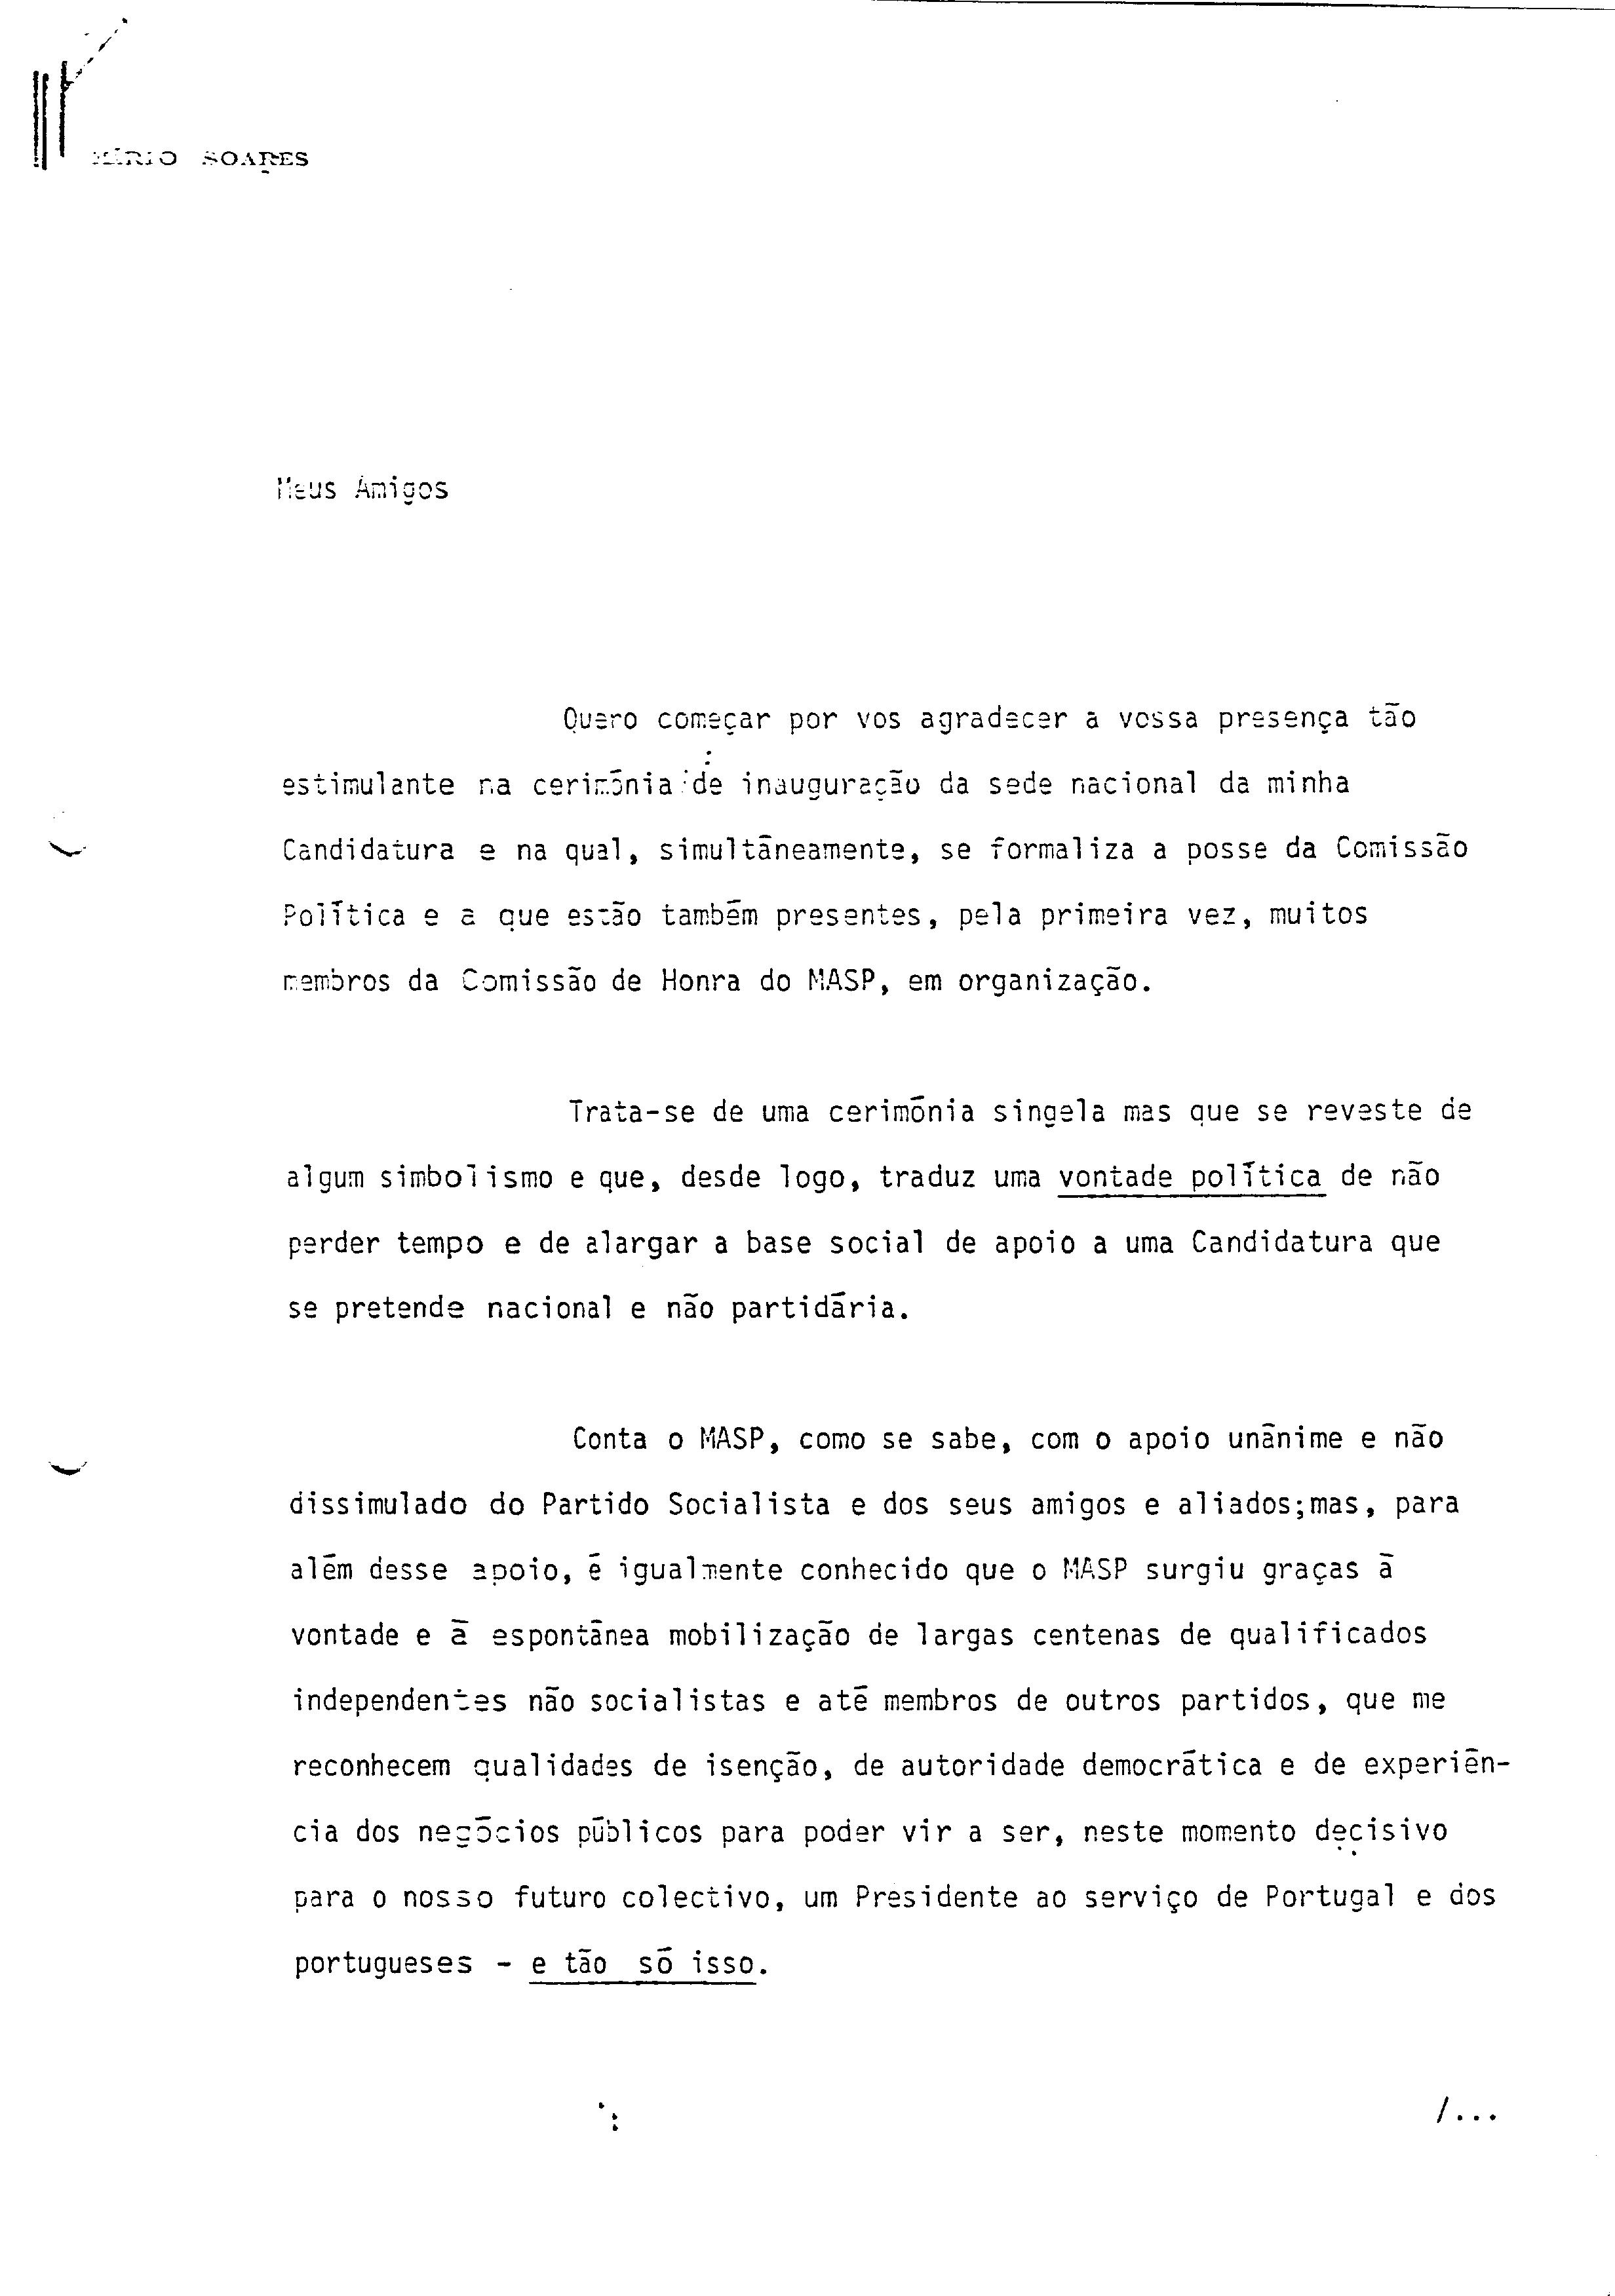 02041.009- pag.1